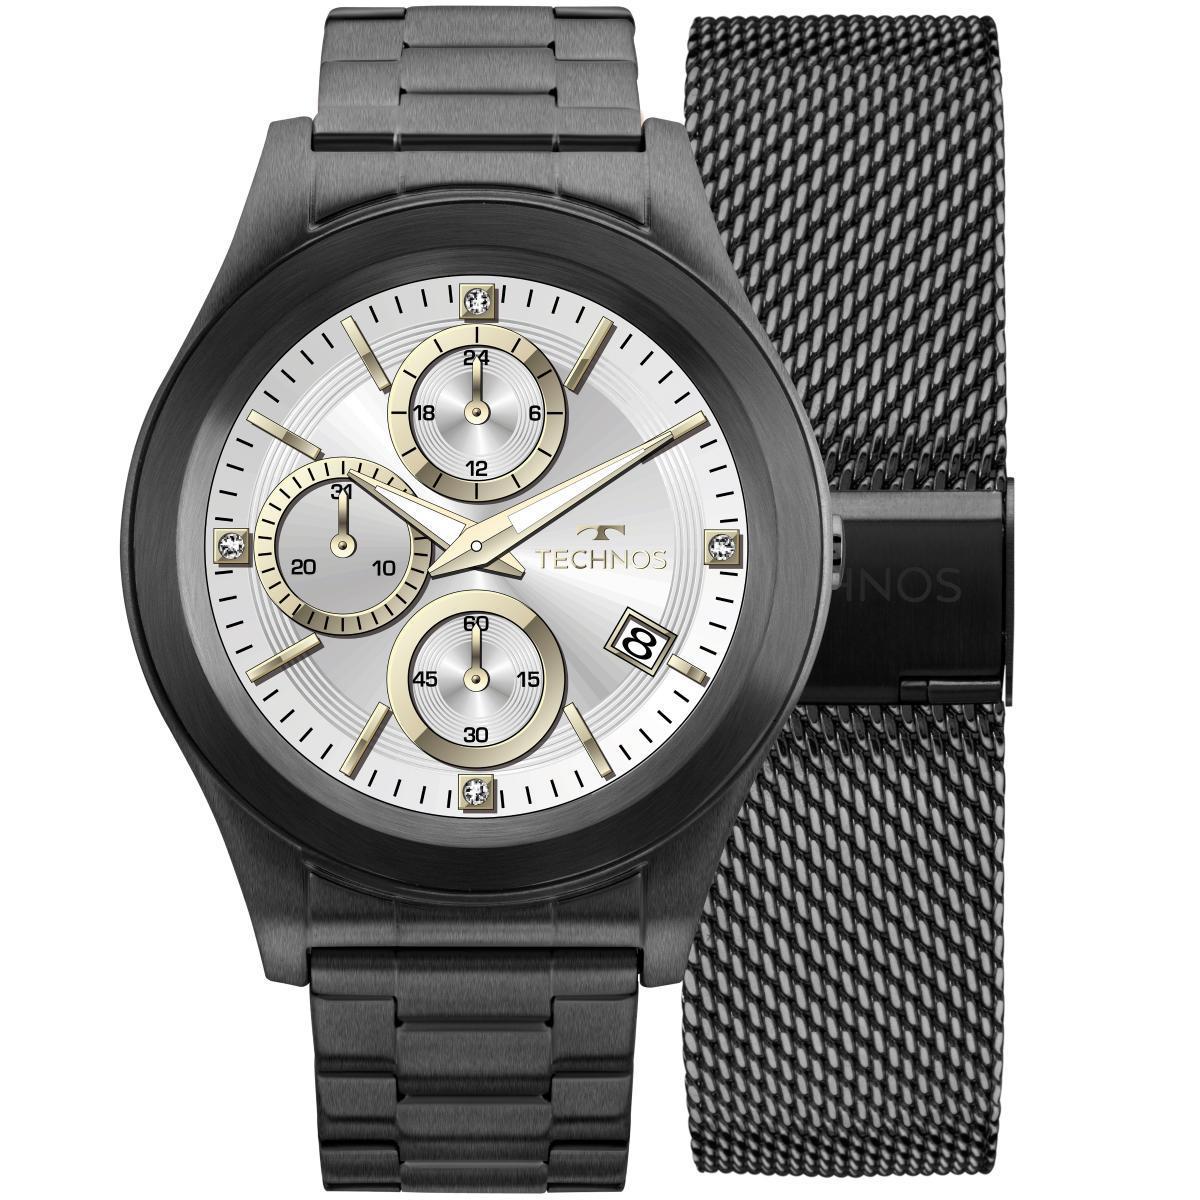 14e24615070 Relógio Masculino Technos SMARTWATCH SRAF 4P Pulseira Preta Produto não  disponível